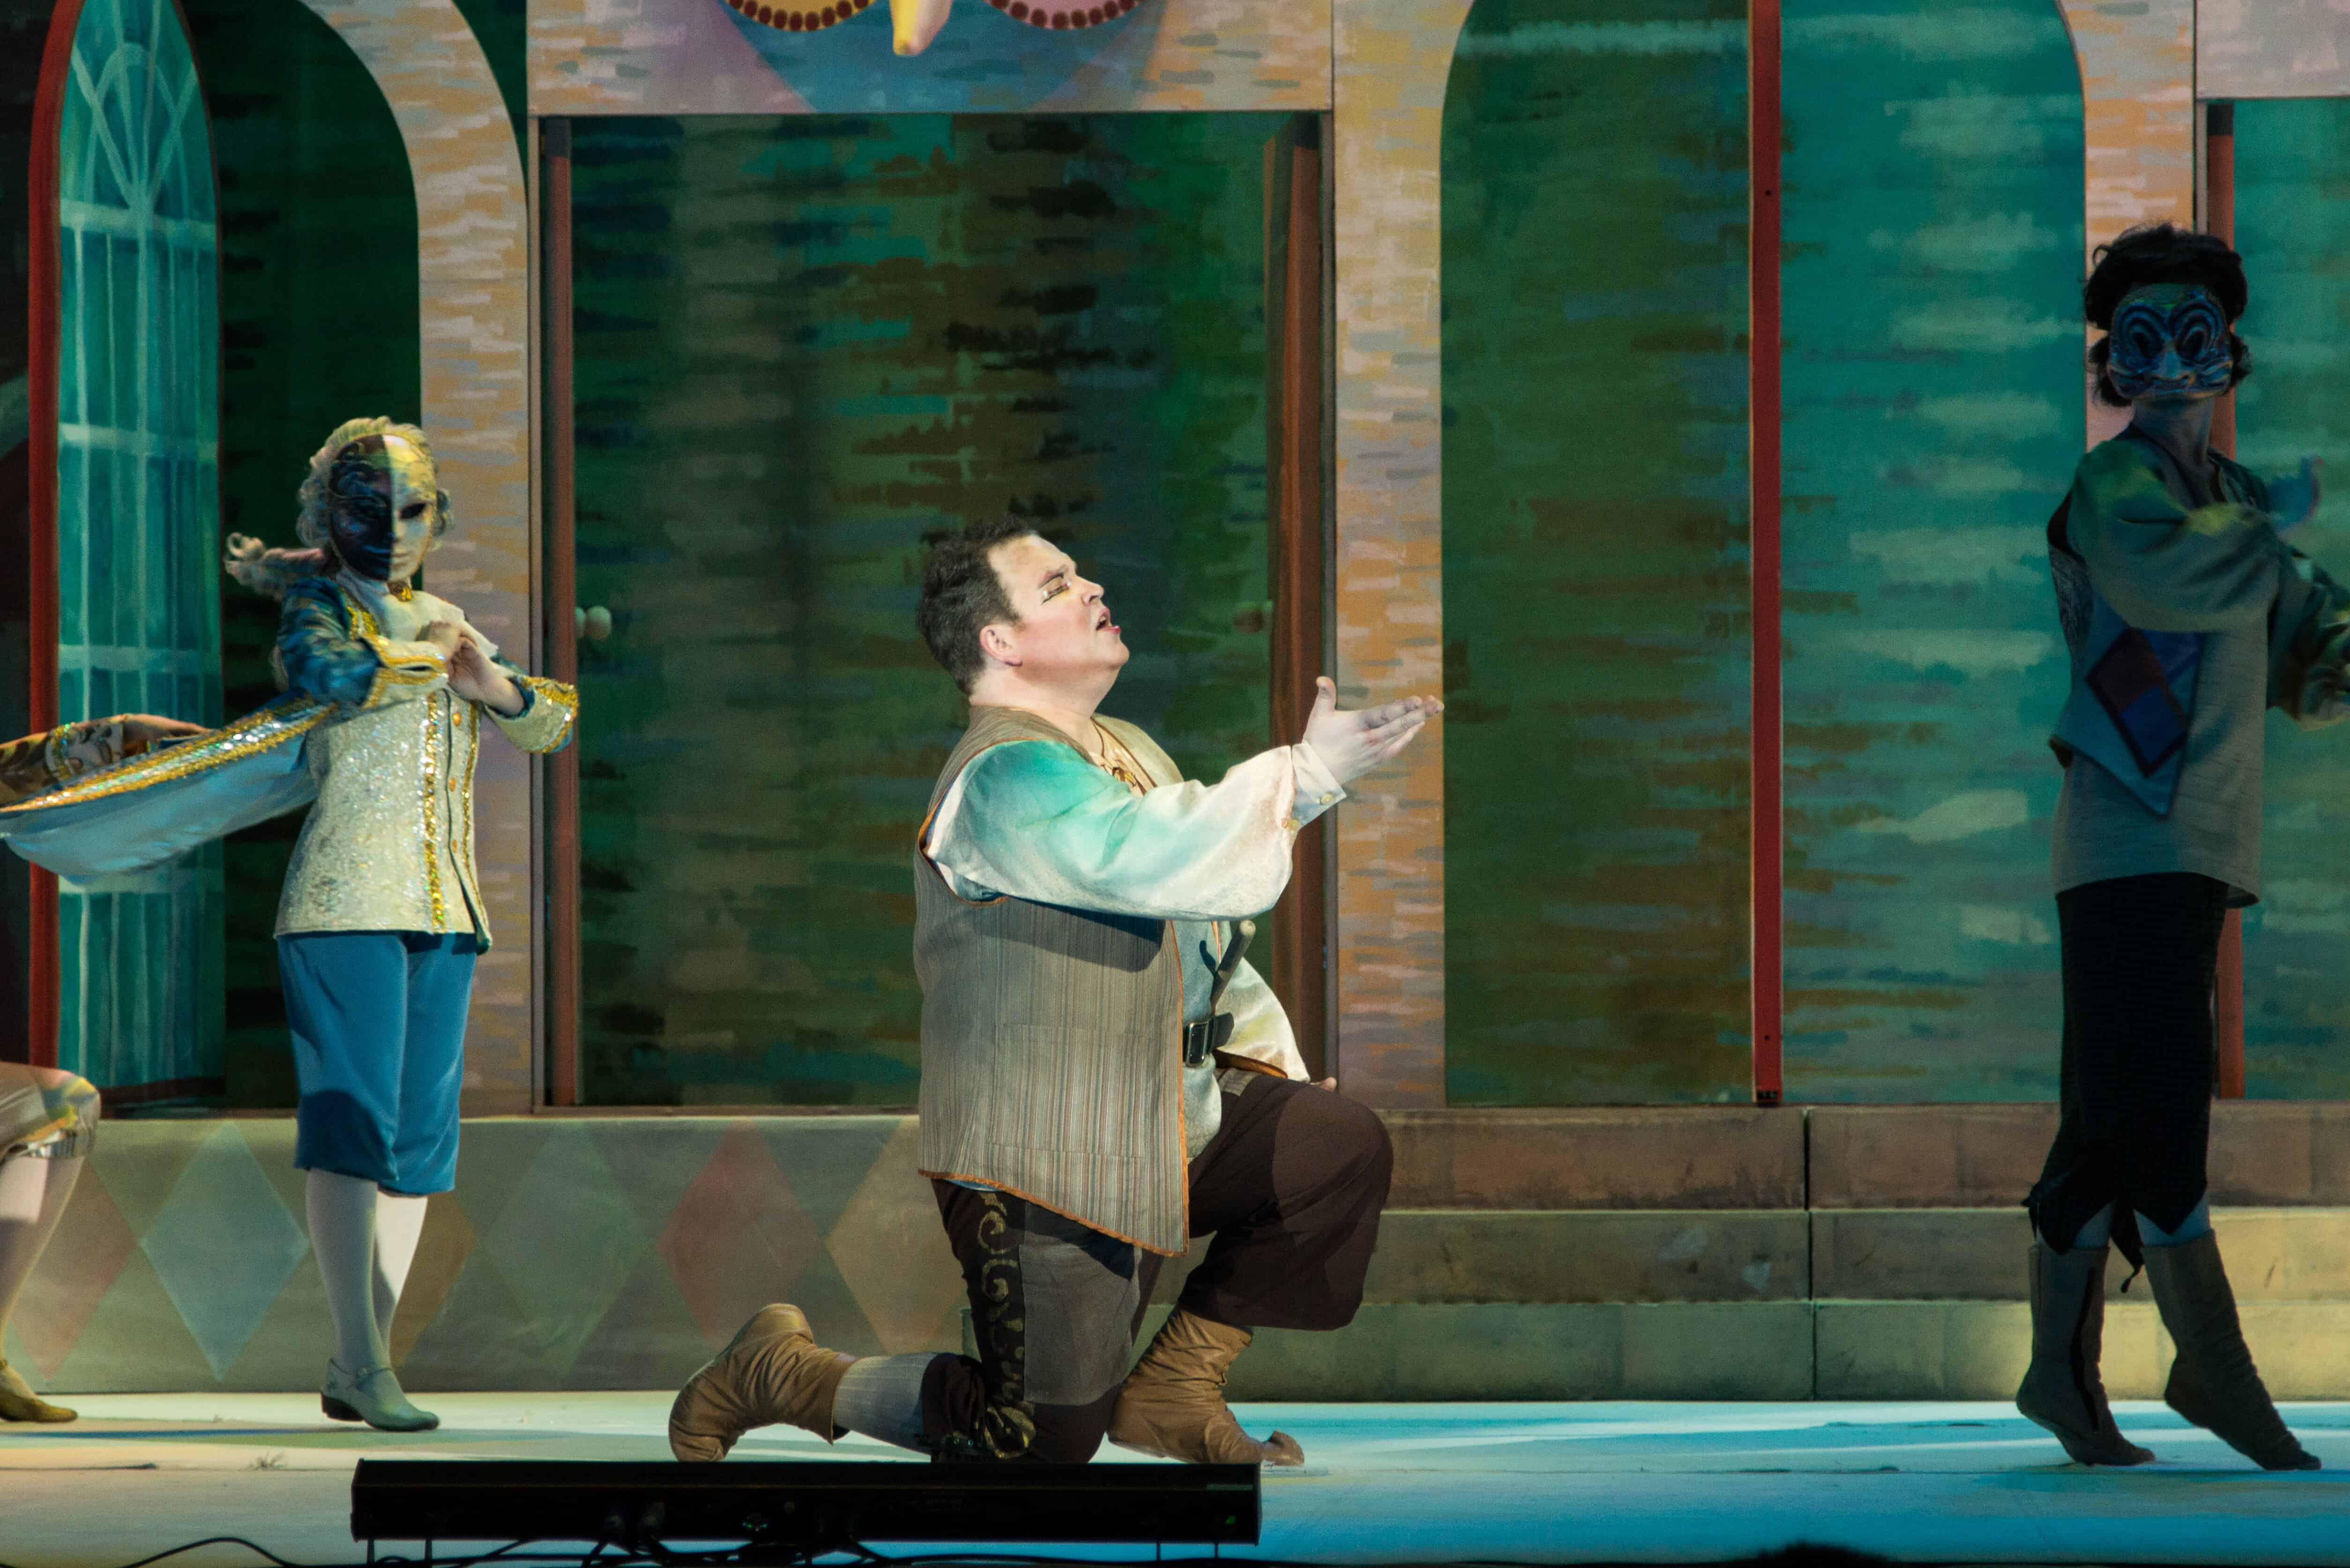 «Труффальдино из Бергамо»: в начале была Любовь «Труффальдино из Бергамо»: в начале была Любовь IMG 1548